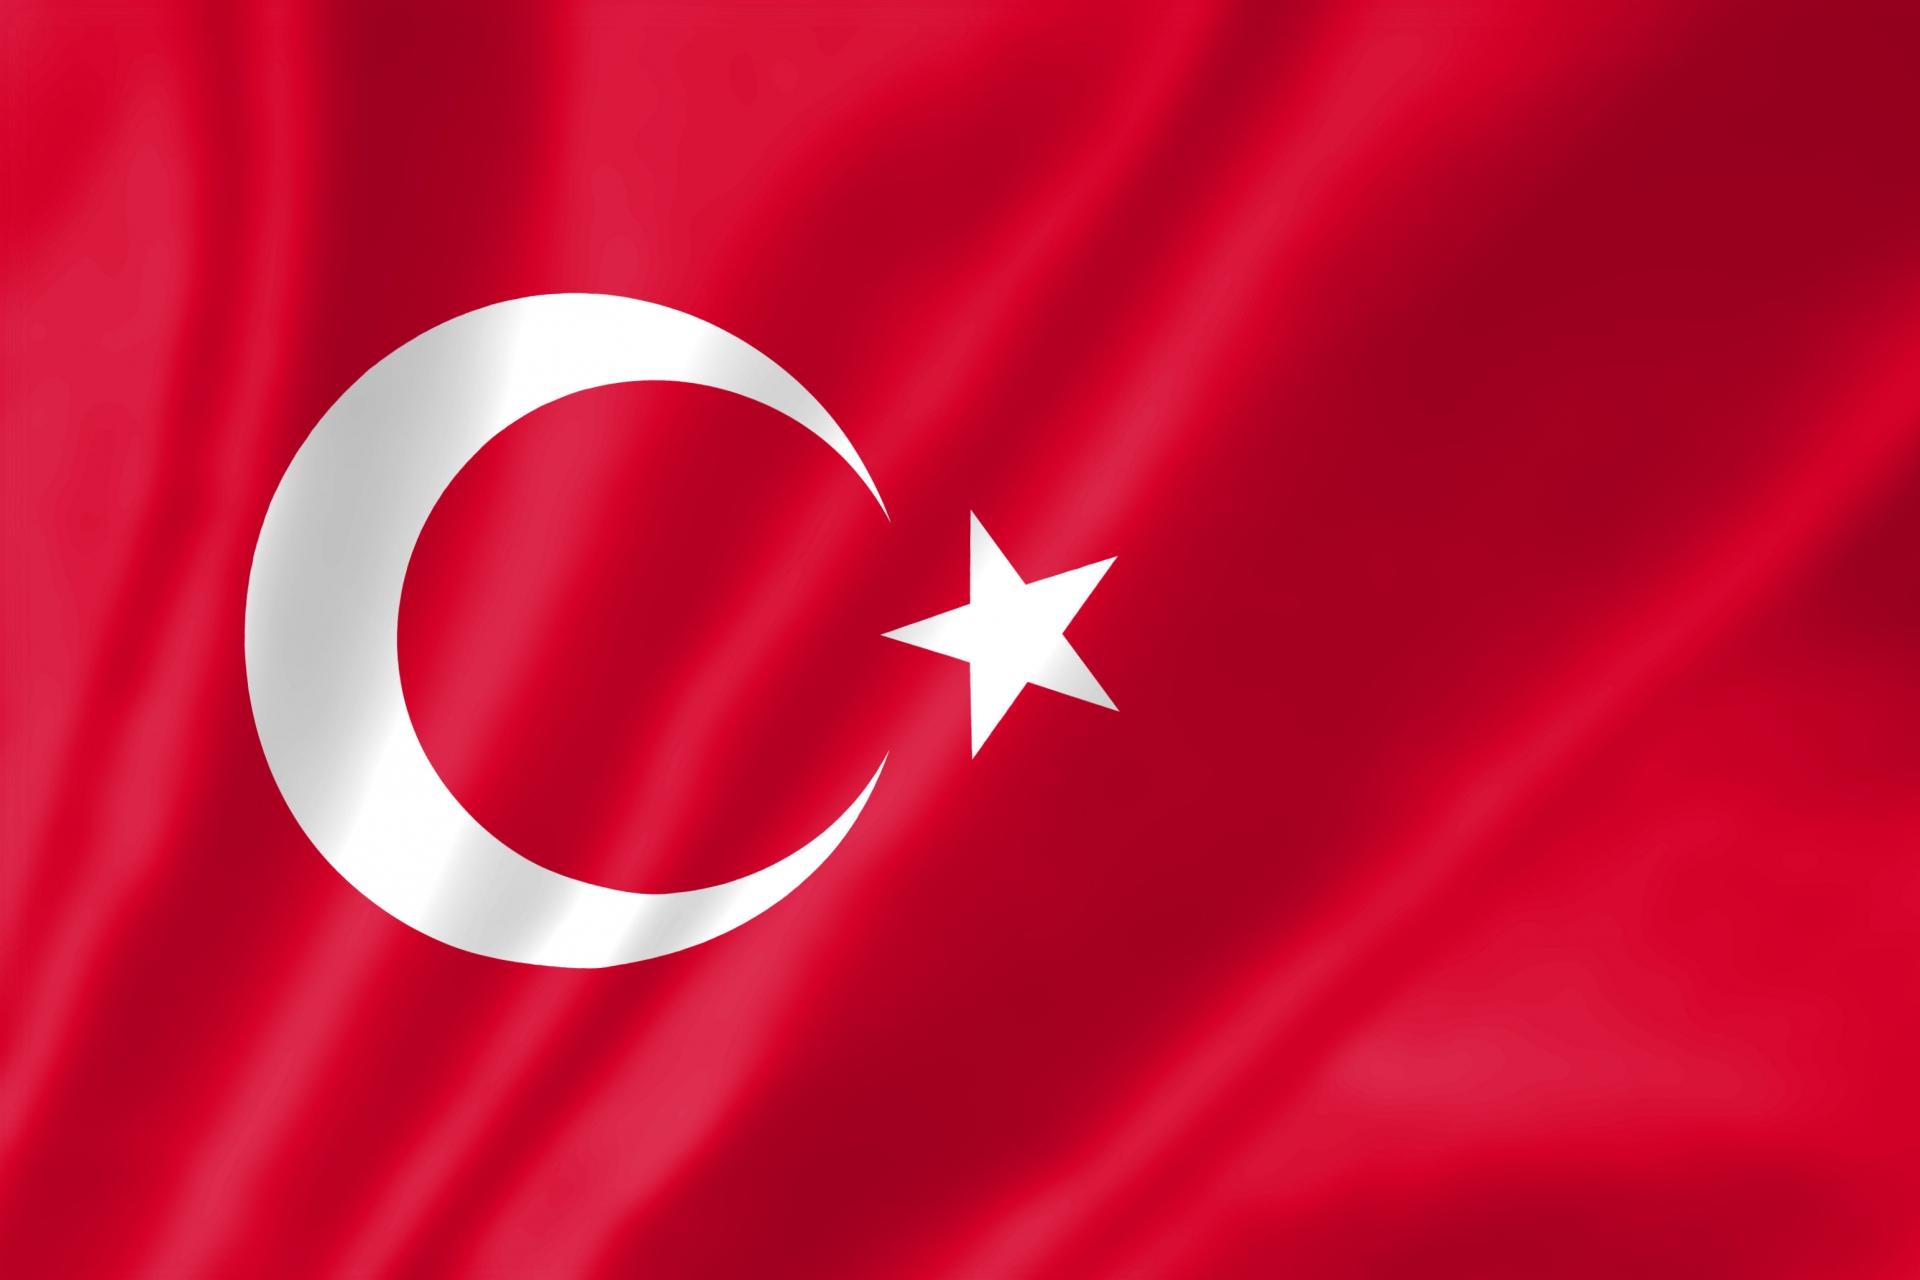 トルコに拠点を設立!新興市場開拓にぜひご相談を!